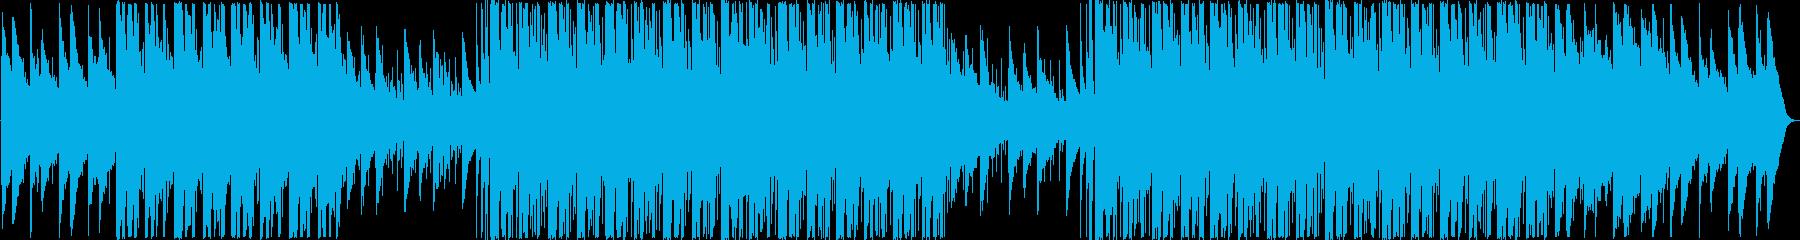 オルゴールが奏でる美しいEDMの再生済みの波形